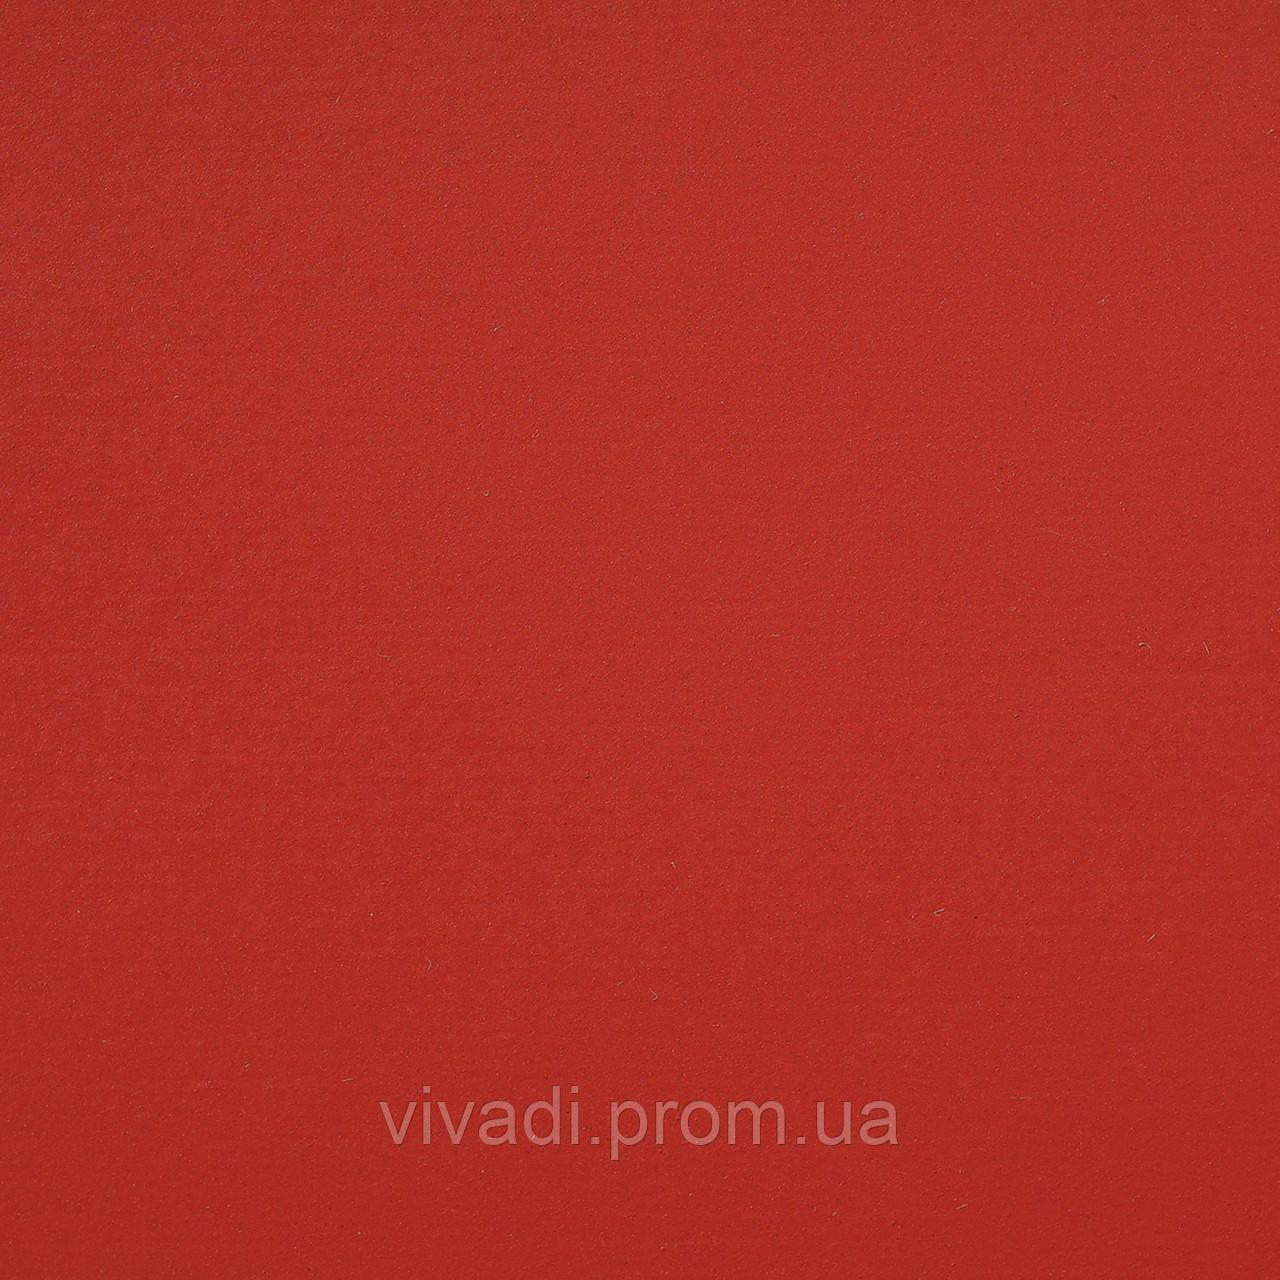 Натуральний лінолеум Uni Walton LPX - колір 101-010